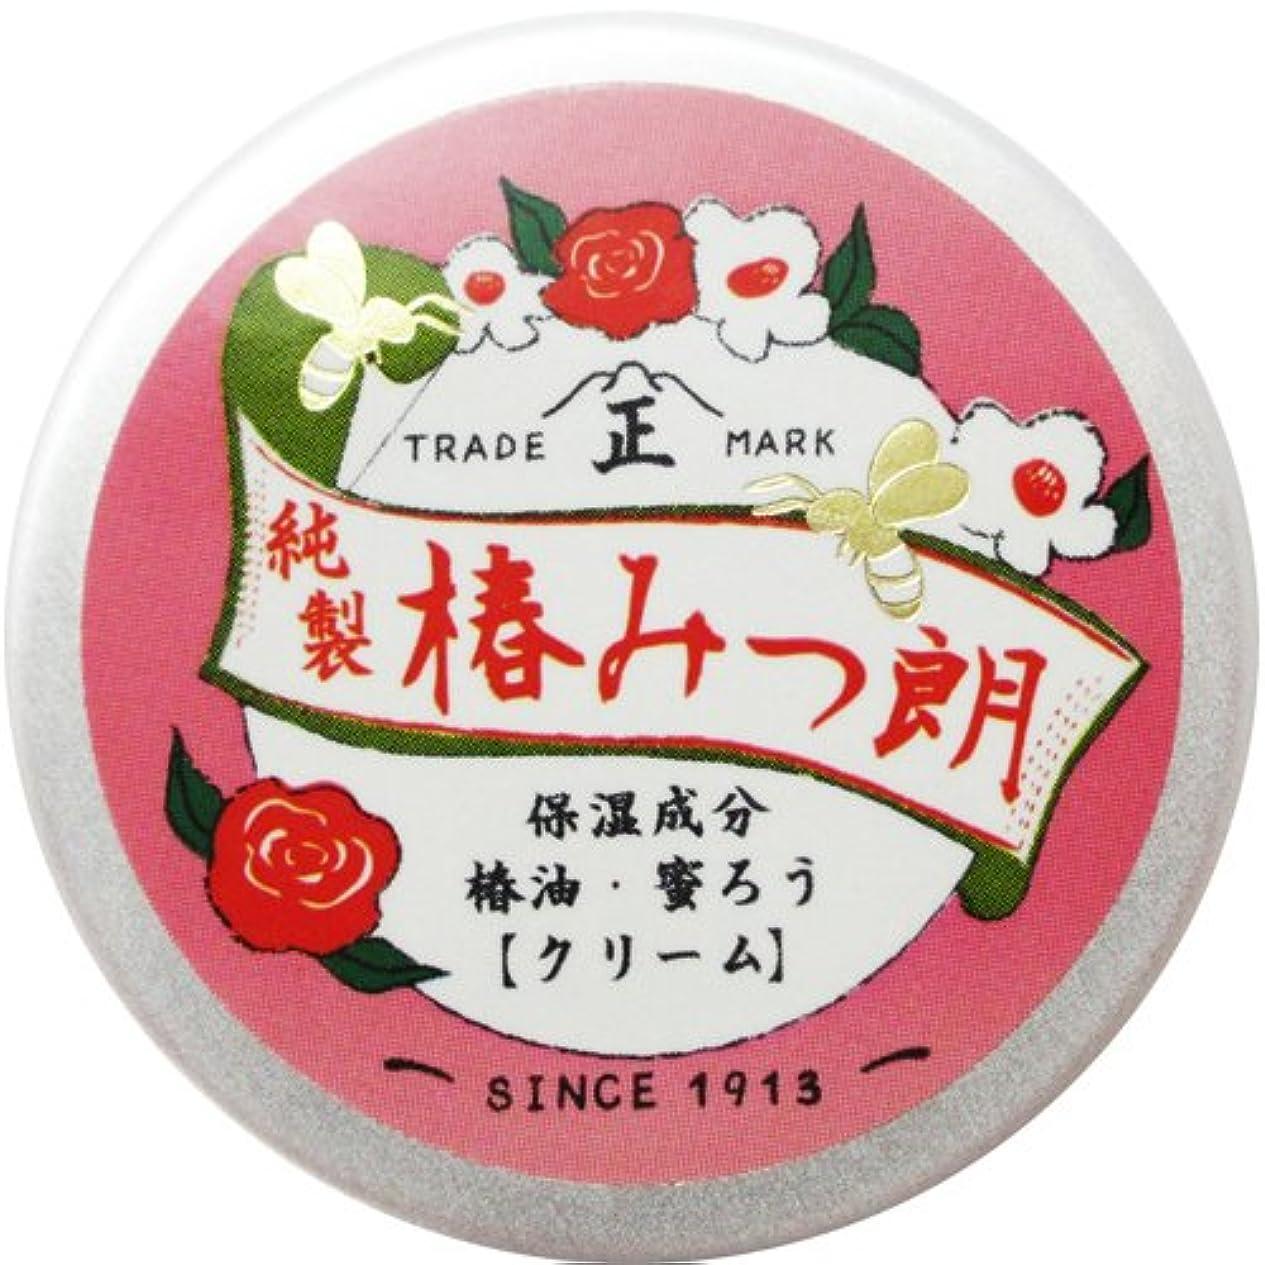 センチメンタル橋冒険家椿みつ朗 ノバラ 20g